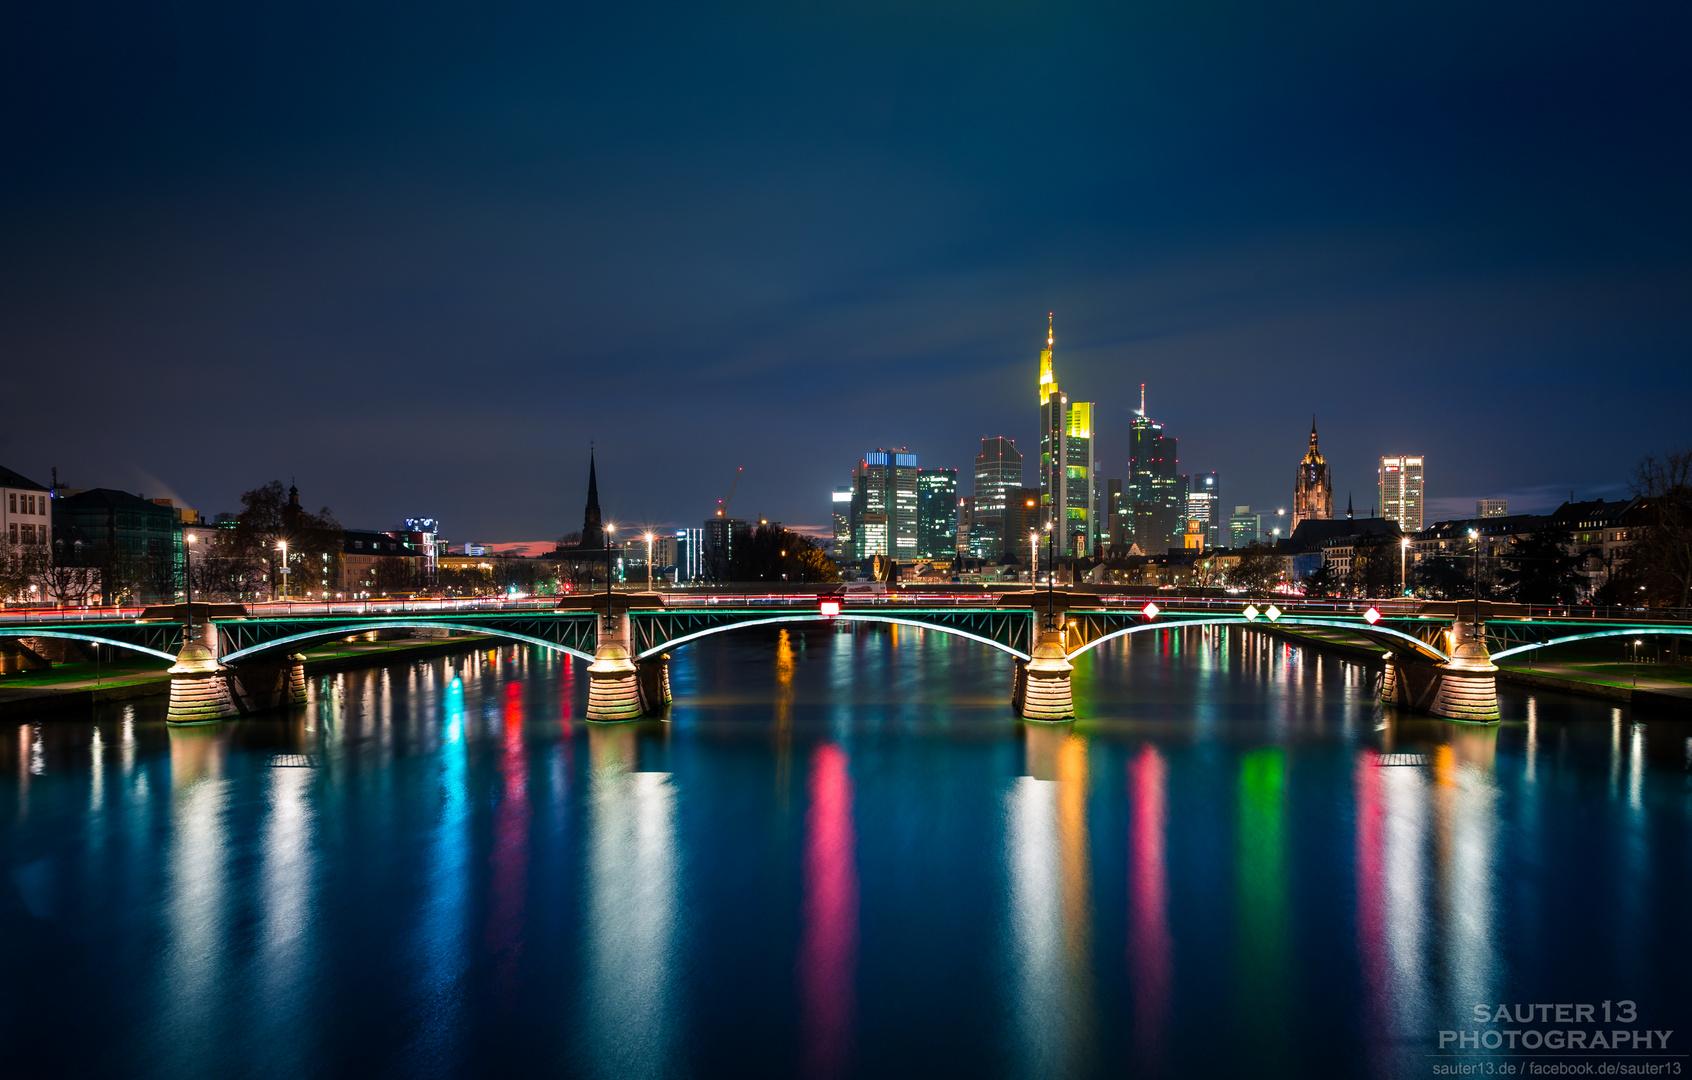 skyline frankfurt foto bild architektur architektur bei nacht langzeitbelichtung bilder. Black Bedroom Furniture Sets. Home Design Ideas